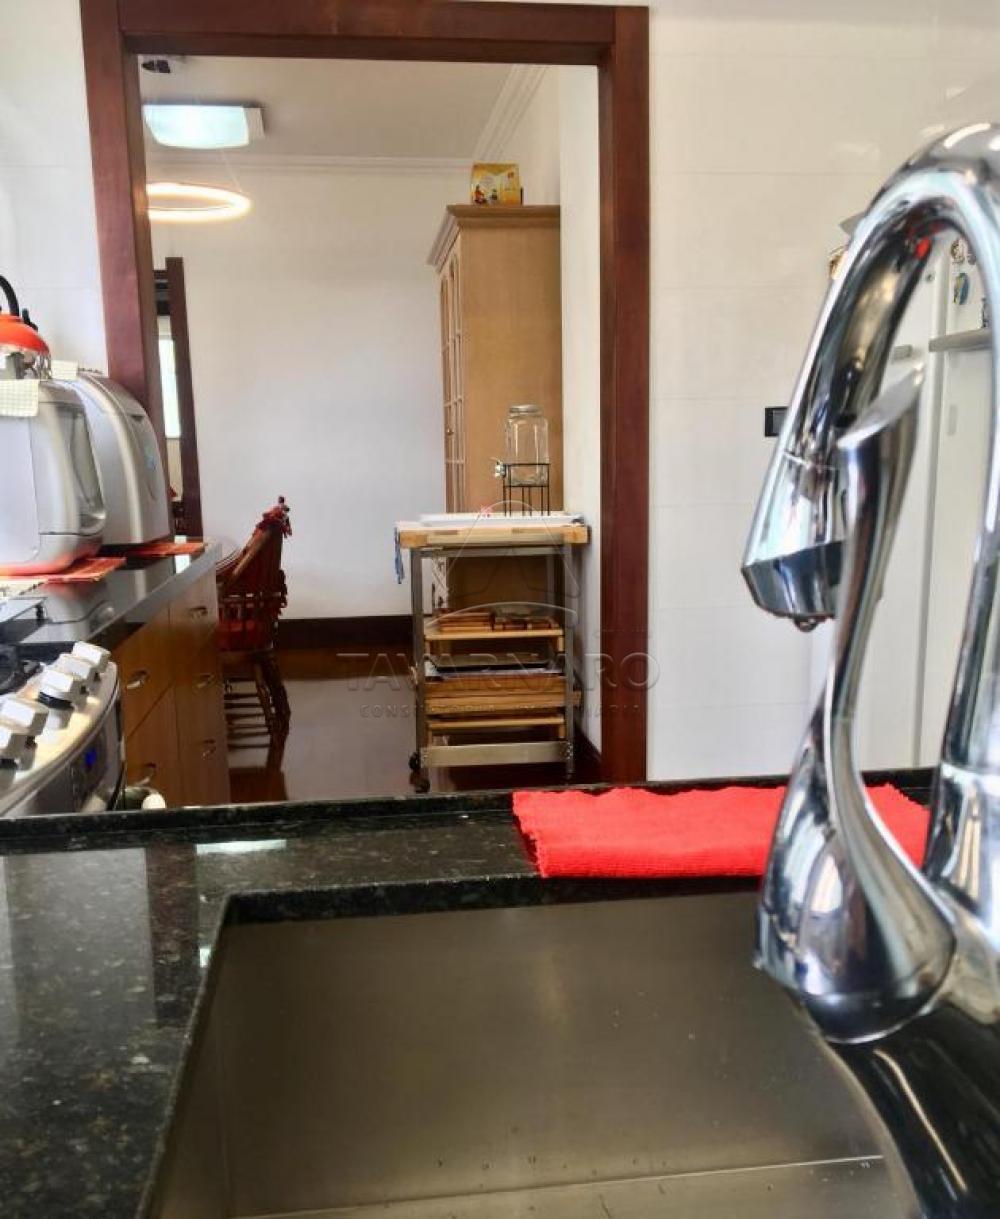 Comprar Apartamento / Padrão em Ponta Grossa R$ 620.000,00 - Foto 24